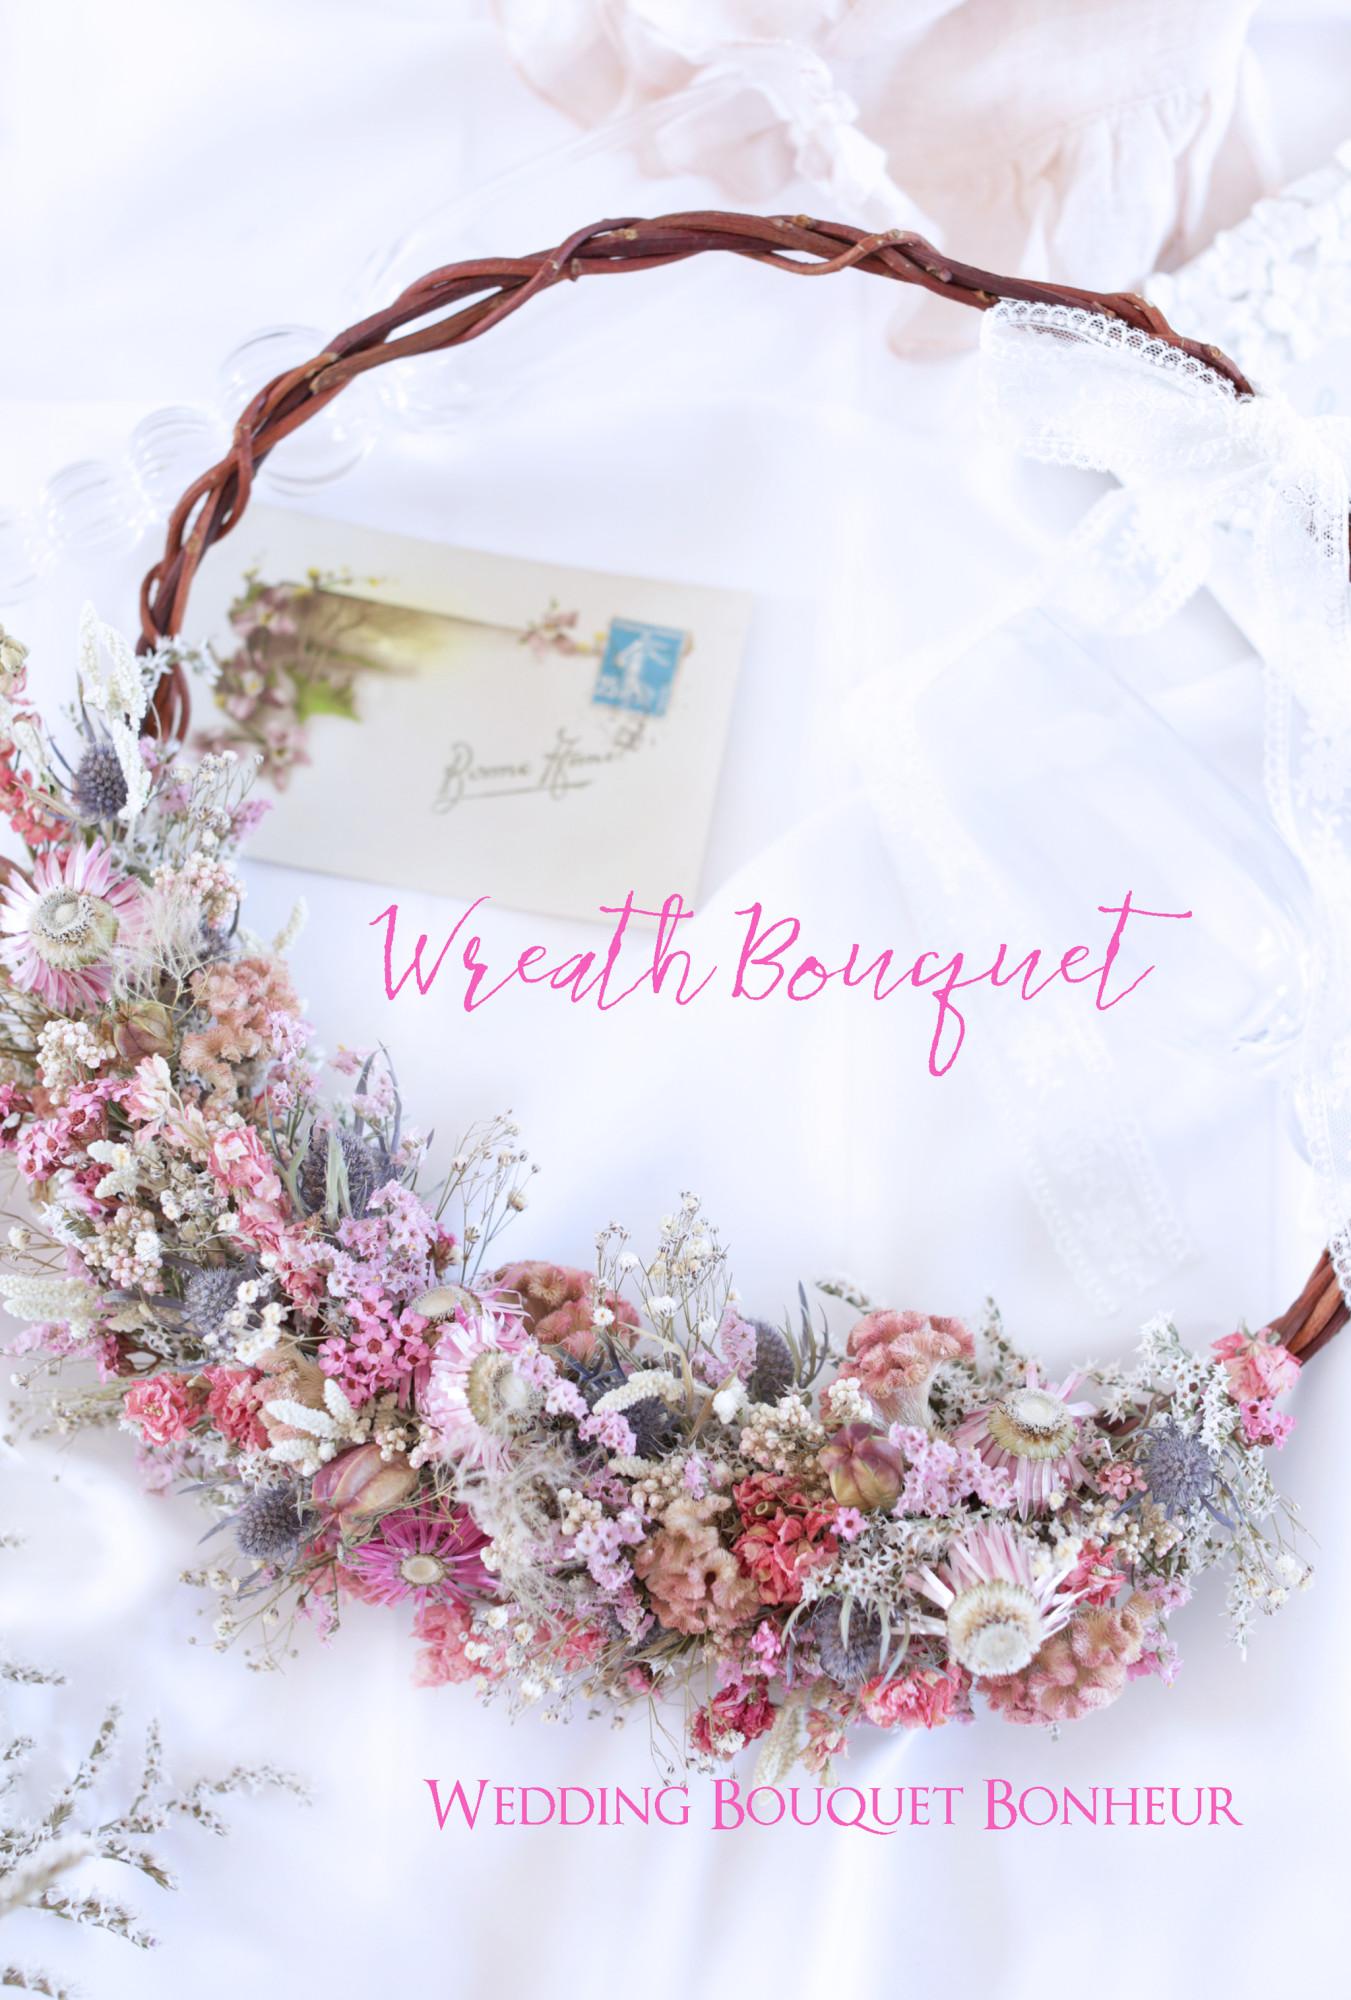 b_wreathbouquet20180411_1